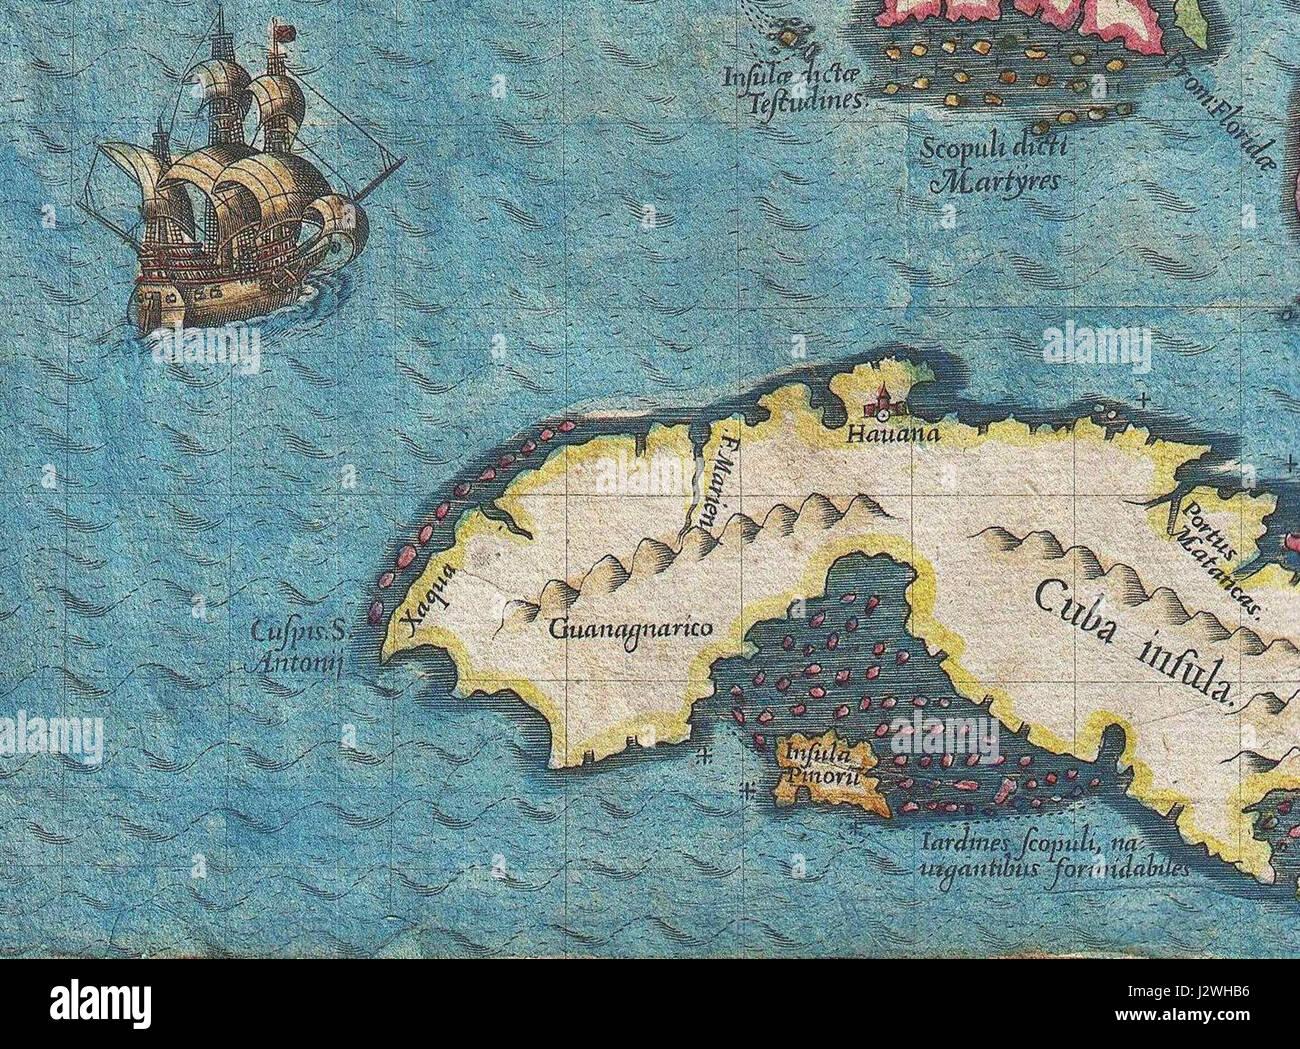 Map of cuba and florida stock photos map of cuba and florida stock 1591 de bry and le moyne map of florida and cuba 1591 stock image gumiabroncs Image collections